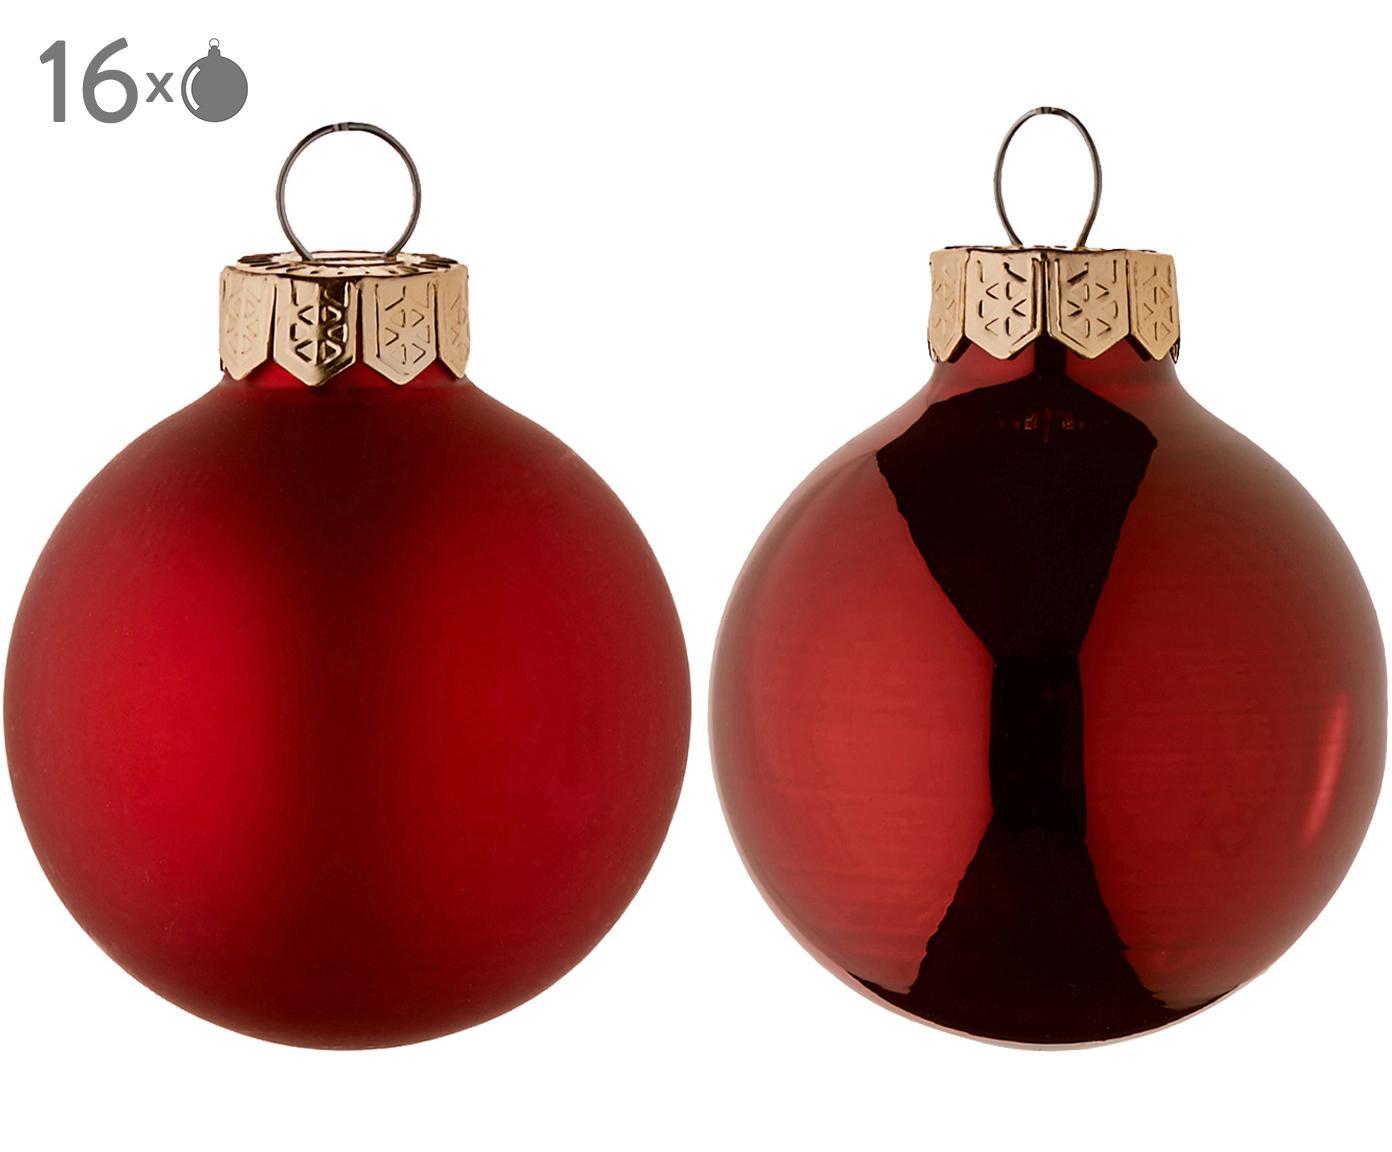 Mini-kerstballenset Evergreen, 16-delig, Rood, Ø 4 cm